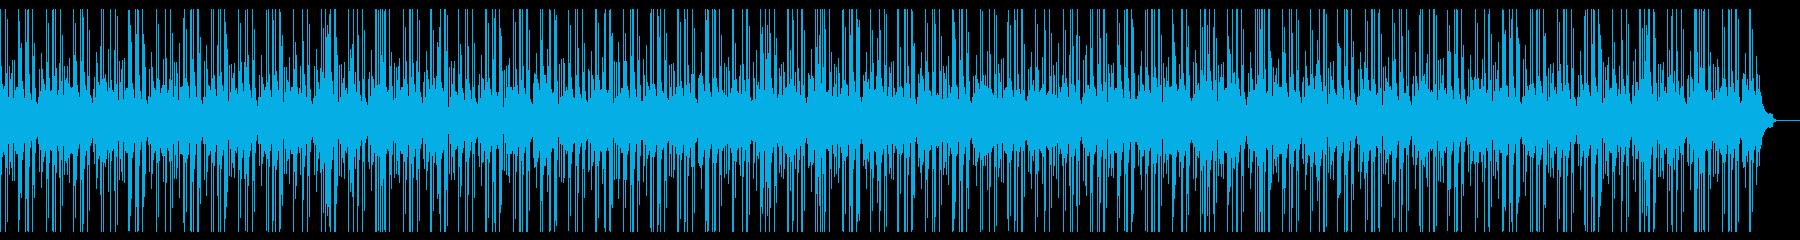 大人っぽい雰囲気の正統派ピアノBGMの再生済みの波形